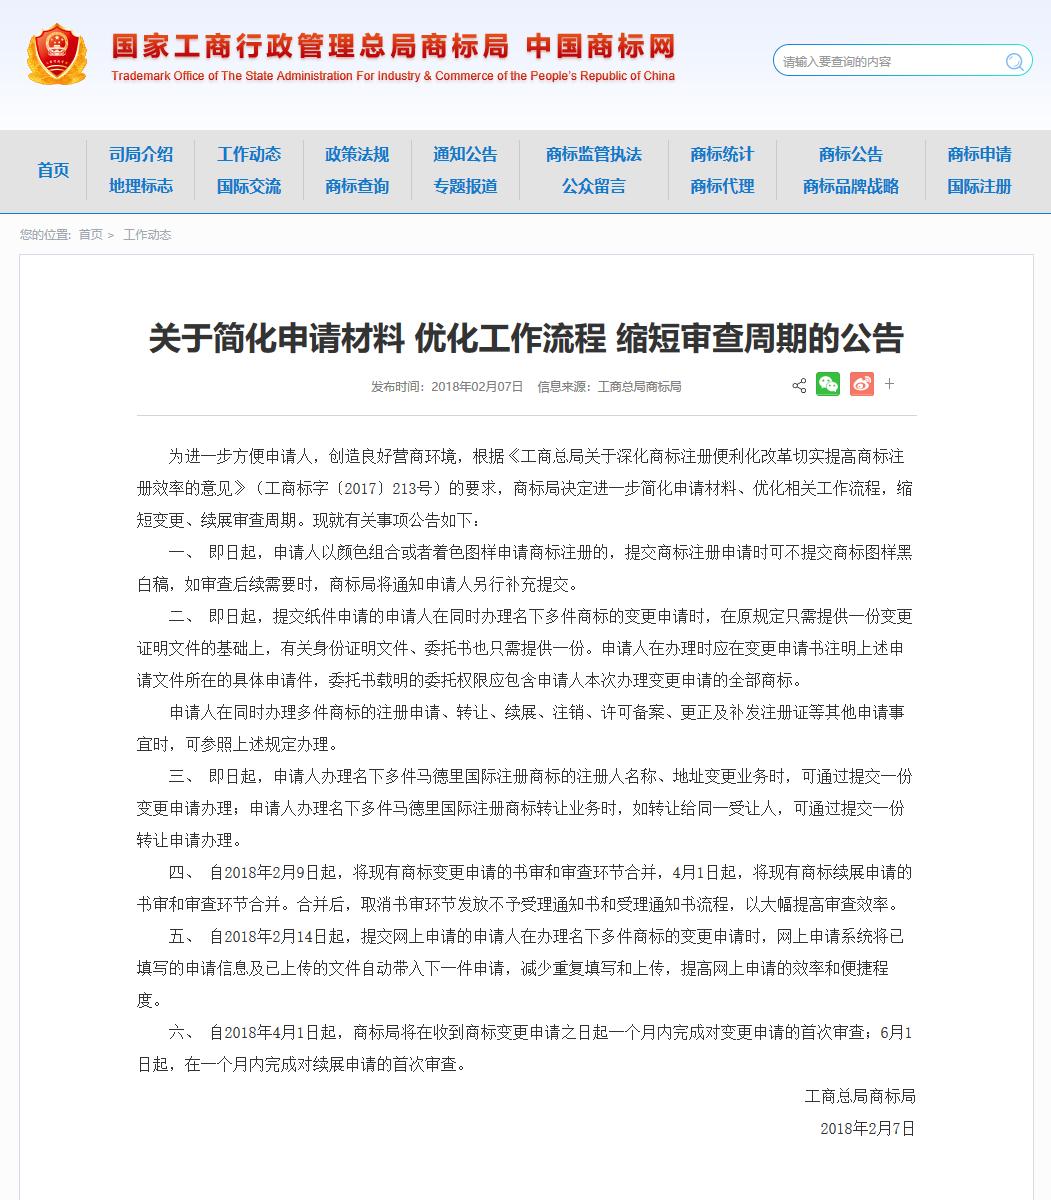 商标局:再次「缩短商标变更、续展等审查周期」!